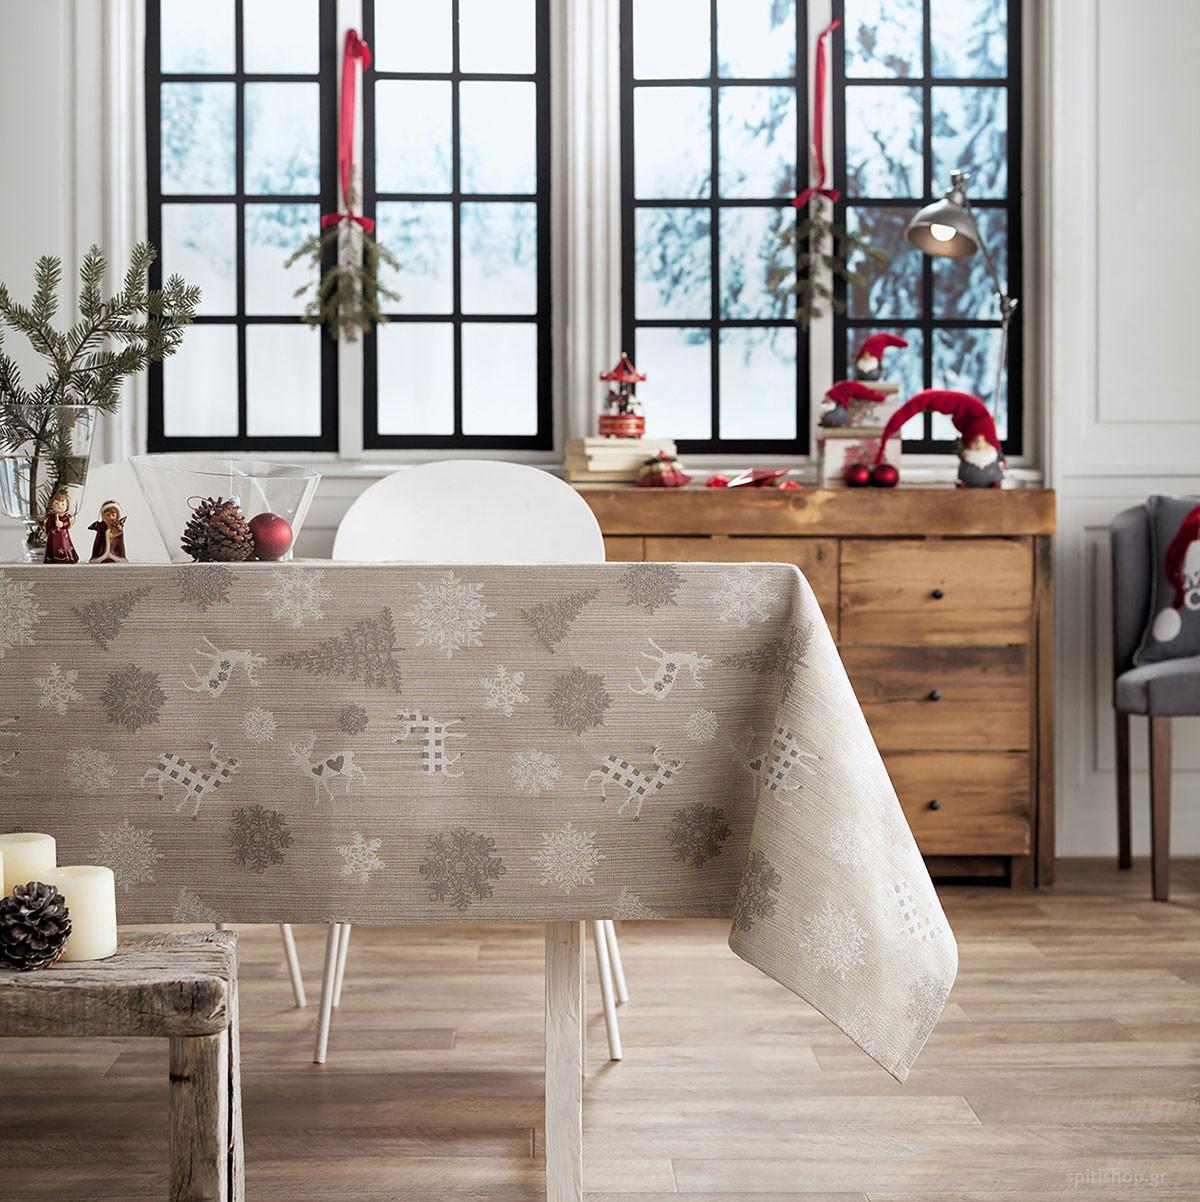 Χριστουγεννιάτικο Τραπεζομάντηλο (135×180) Gofis Home 285/04